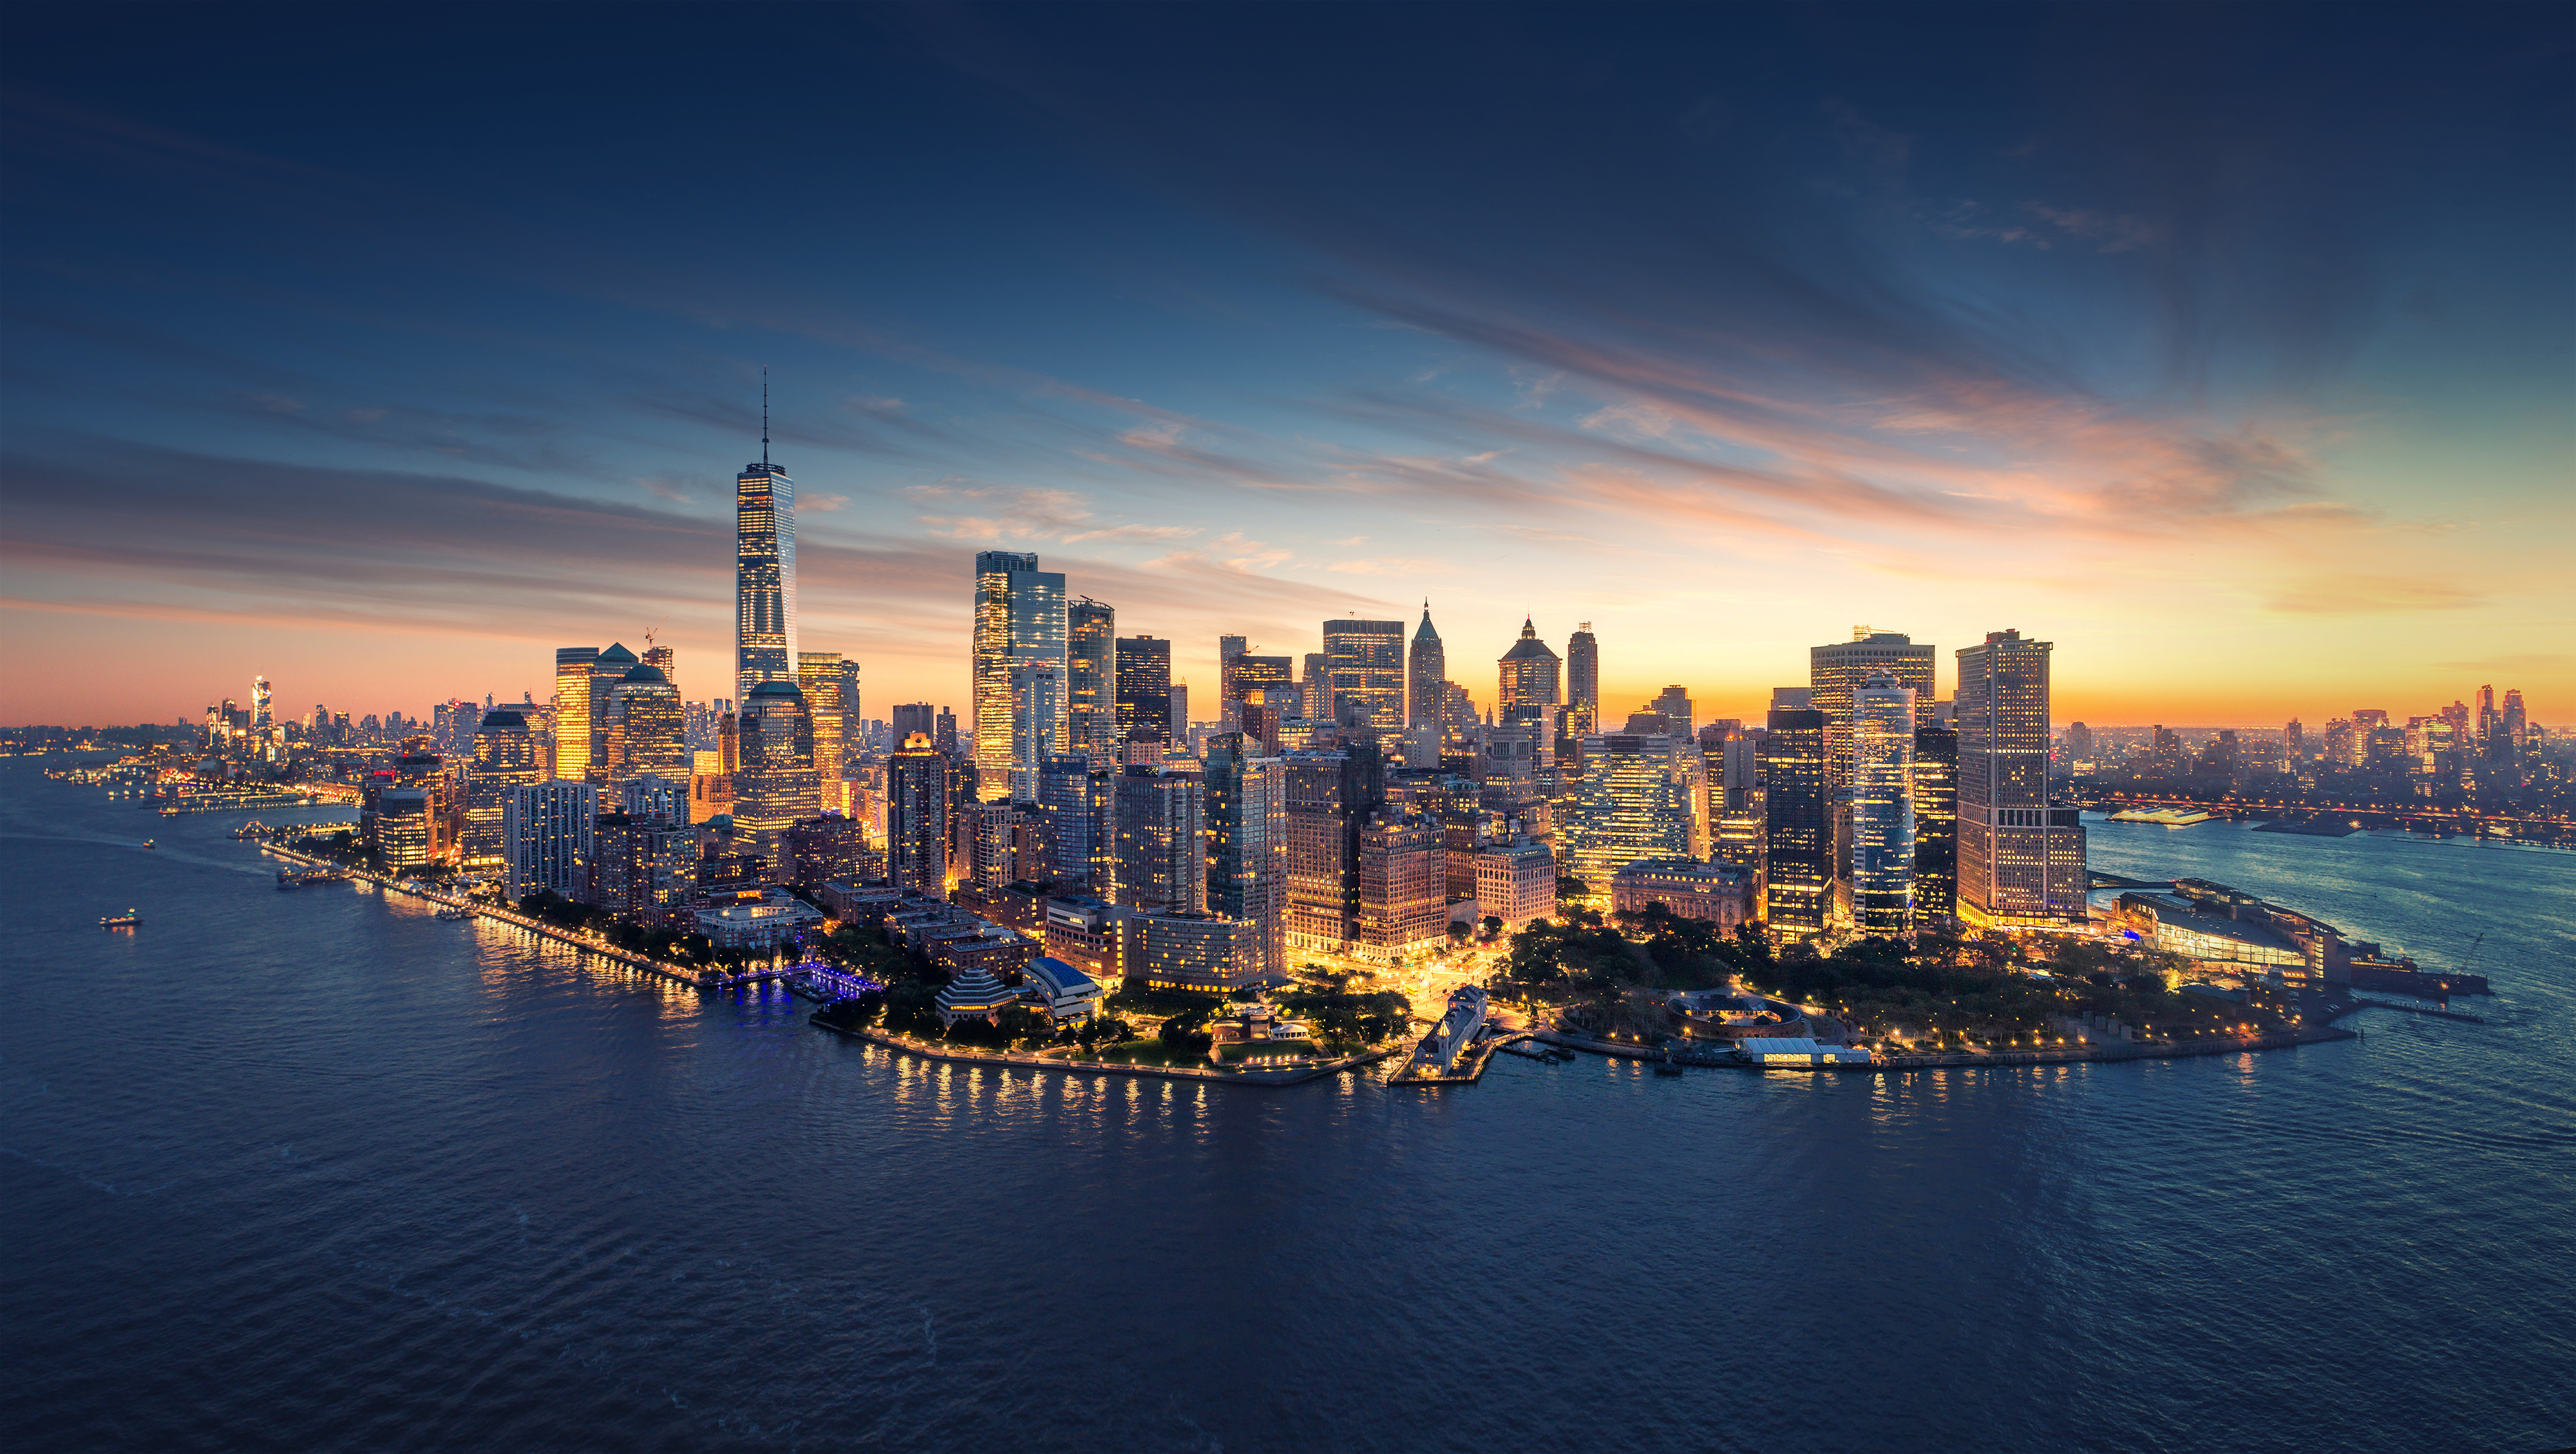 Cuộc sống trong mơ - Từ Manhattan nước Mỹ đến Manhattan Sài Gòn